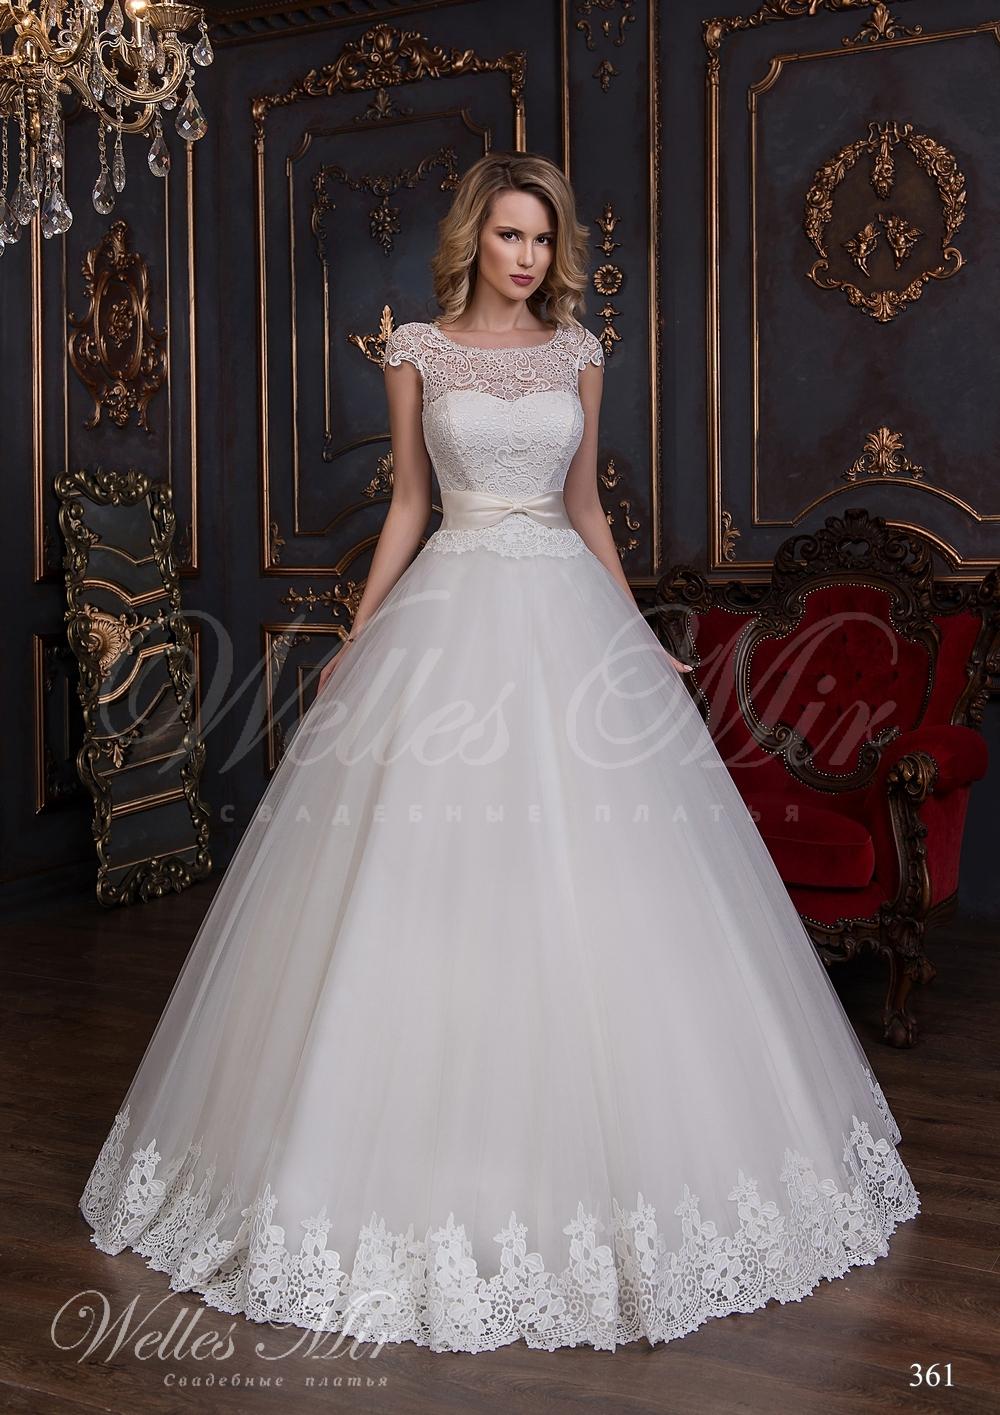 Свадебные платья Luxury collection 2017-2018 - 361